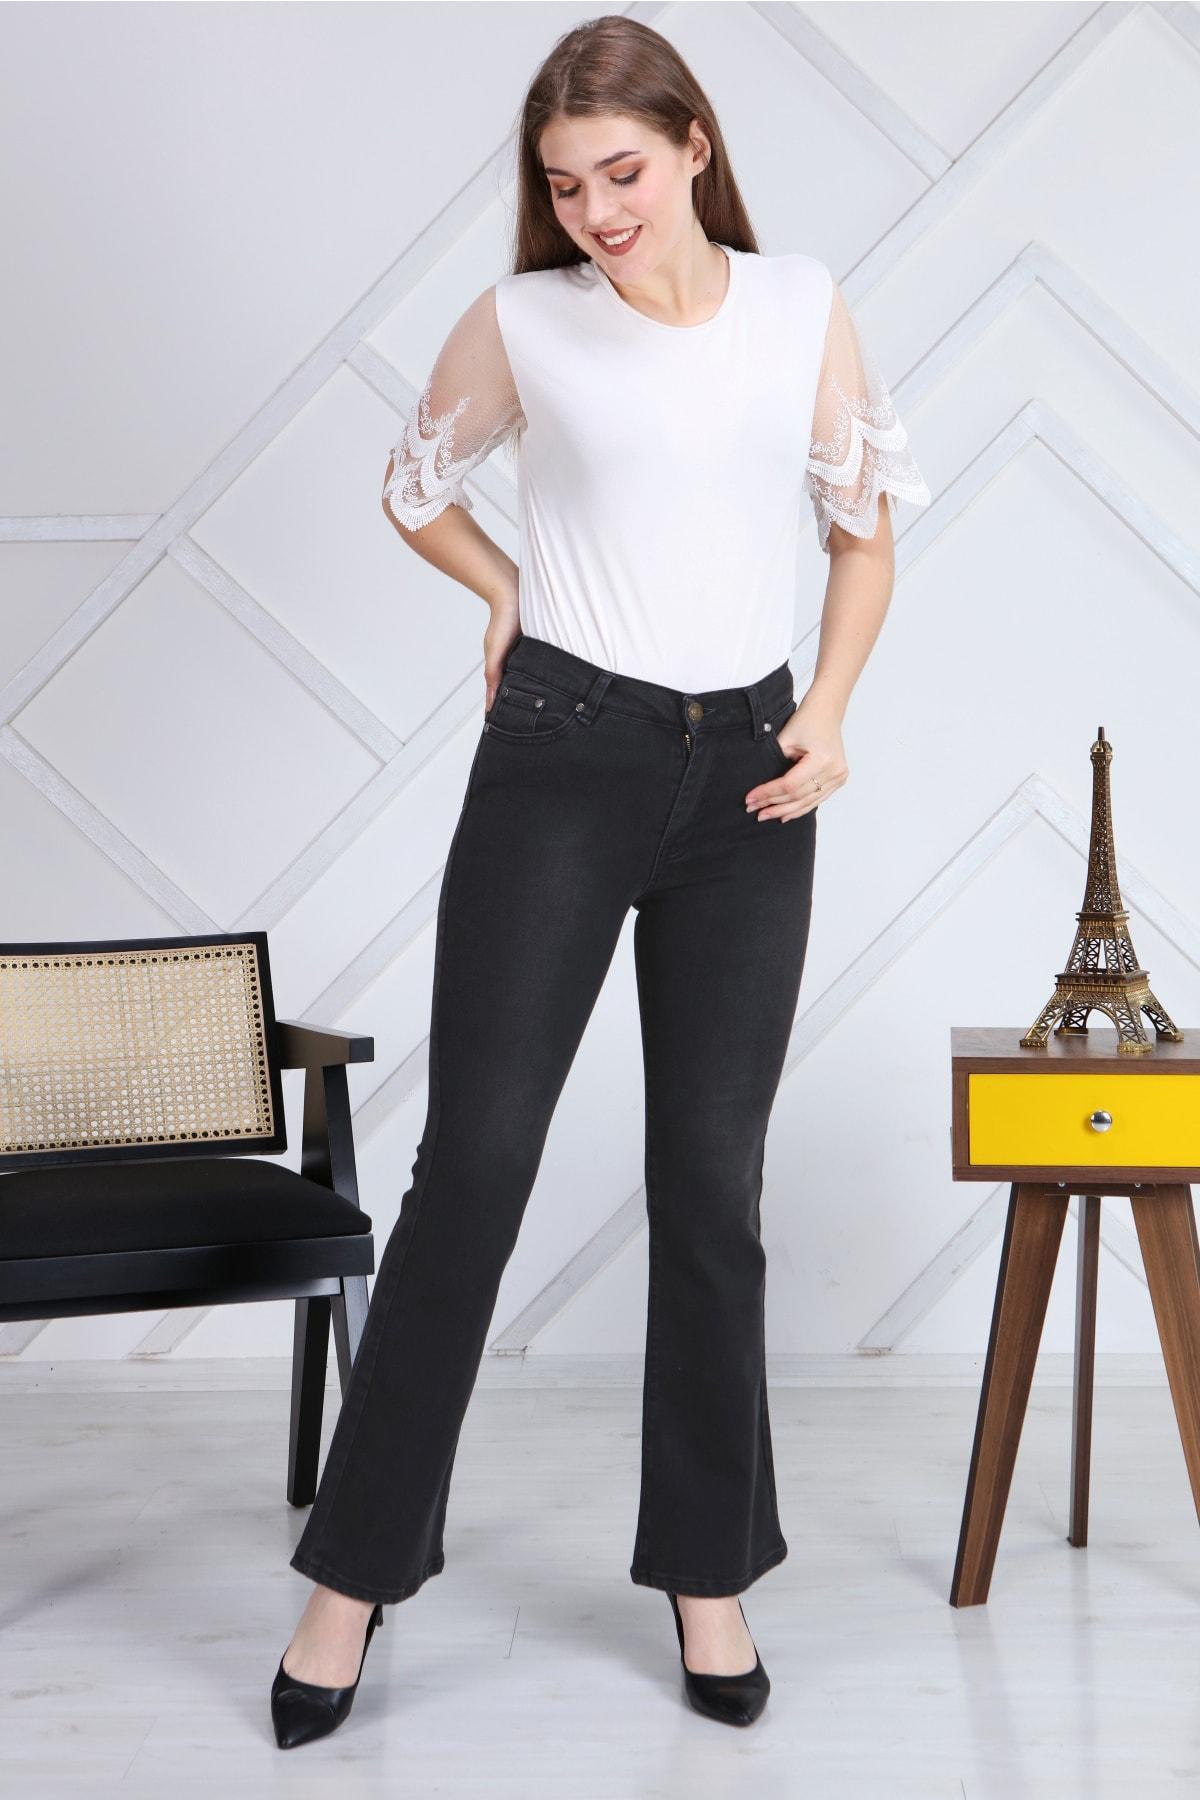 Gül Moda Antrasit Ispanyol Paça Likralı Yüksek Bel Kot Pantolon Jeans G00ipsi 2